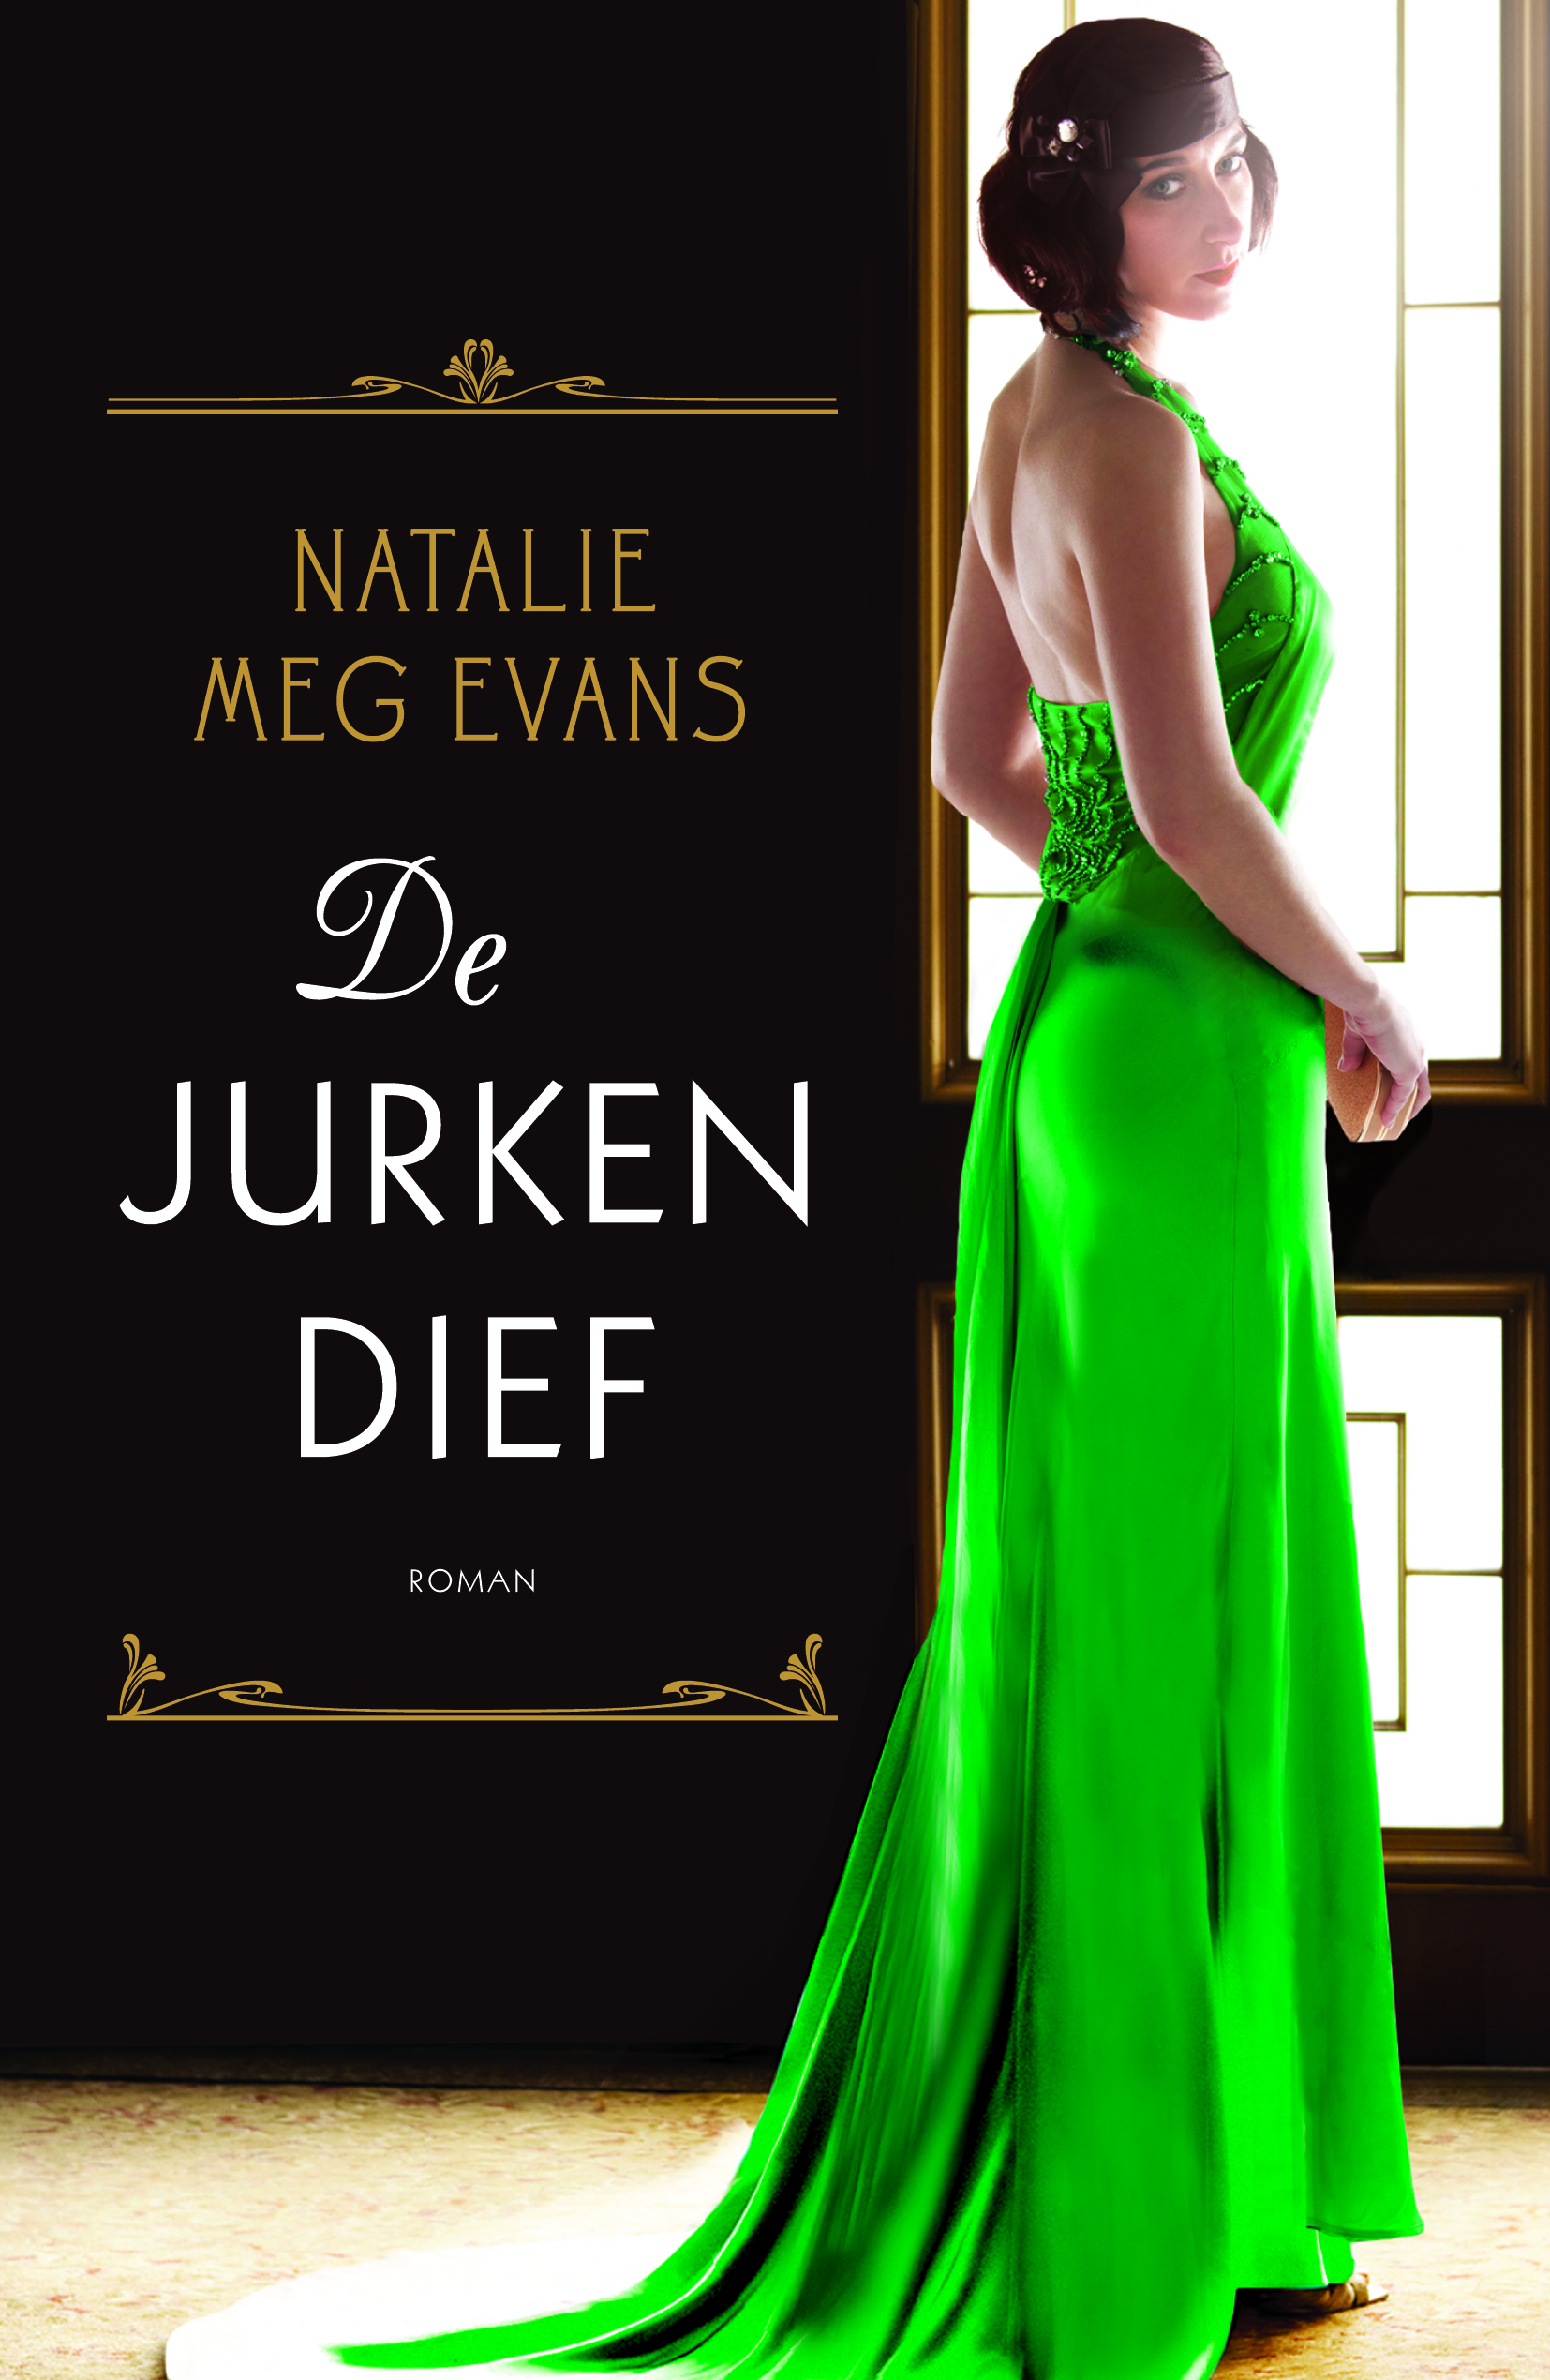 De jurkendief – Natalie Meg Evans